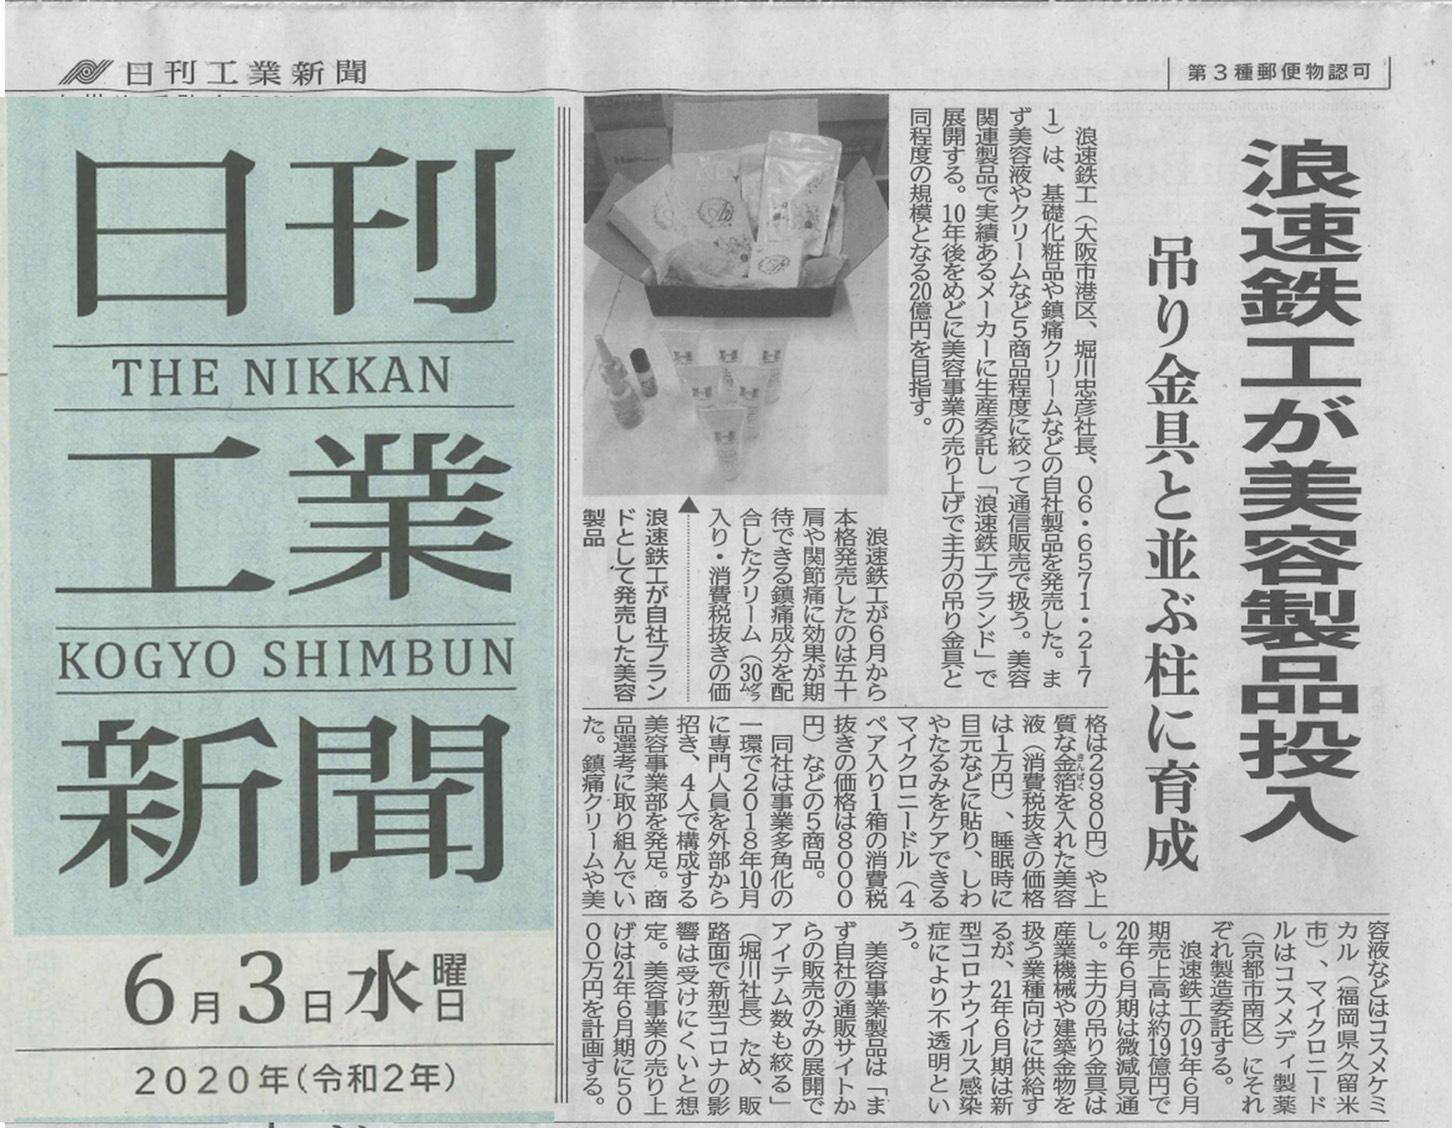 日刊工業新聞(2020年6月3日号)に掲載されました。